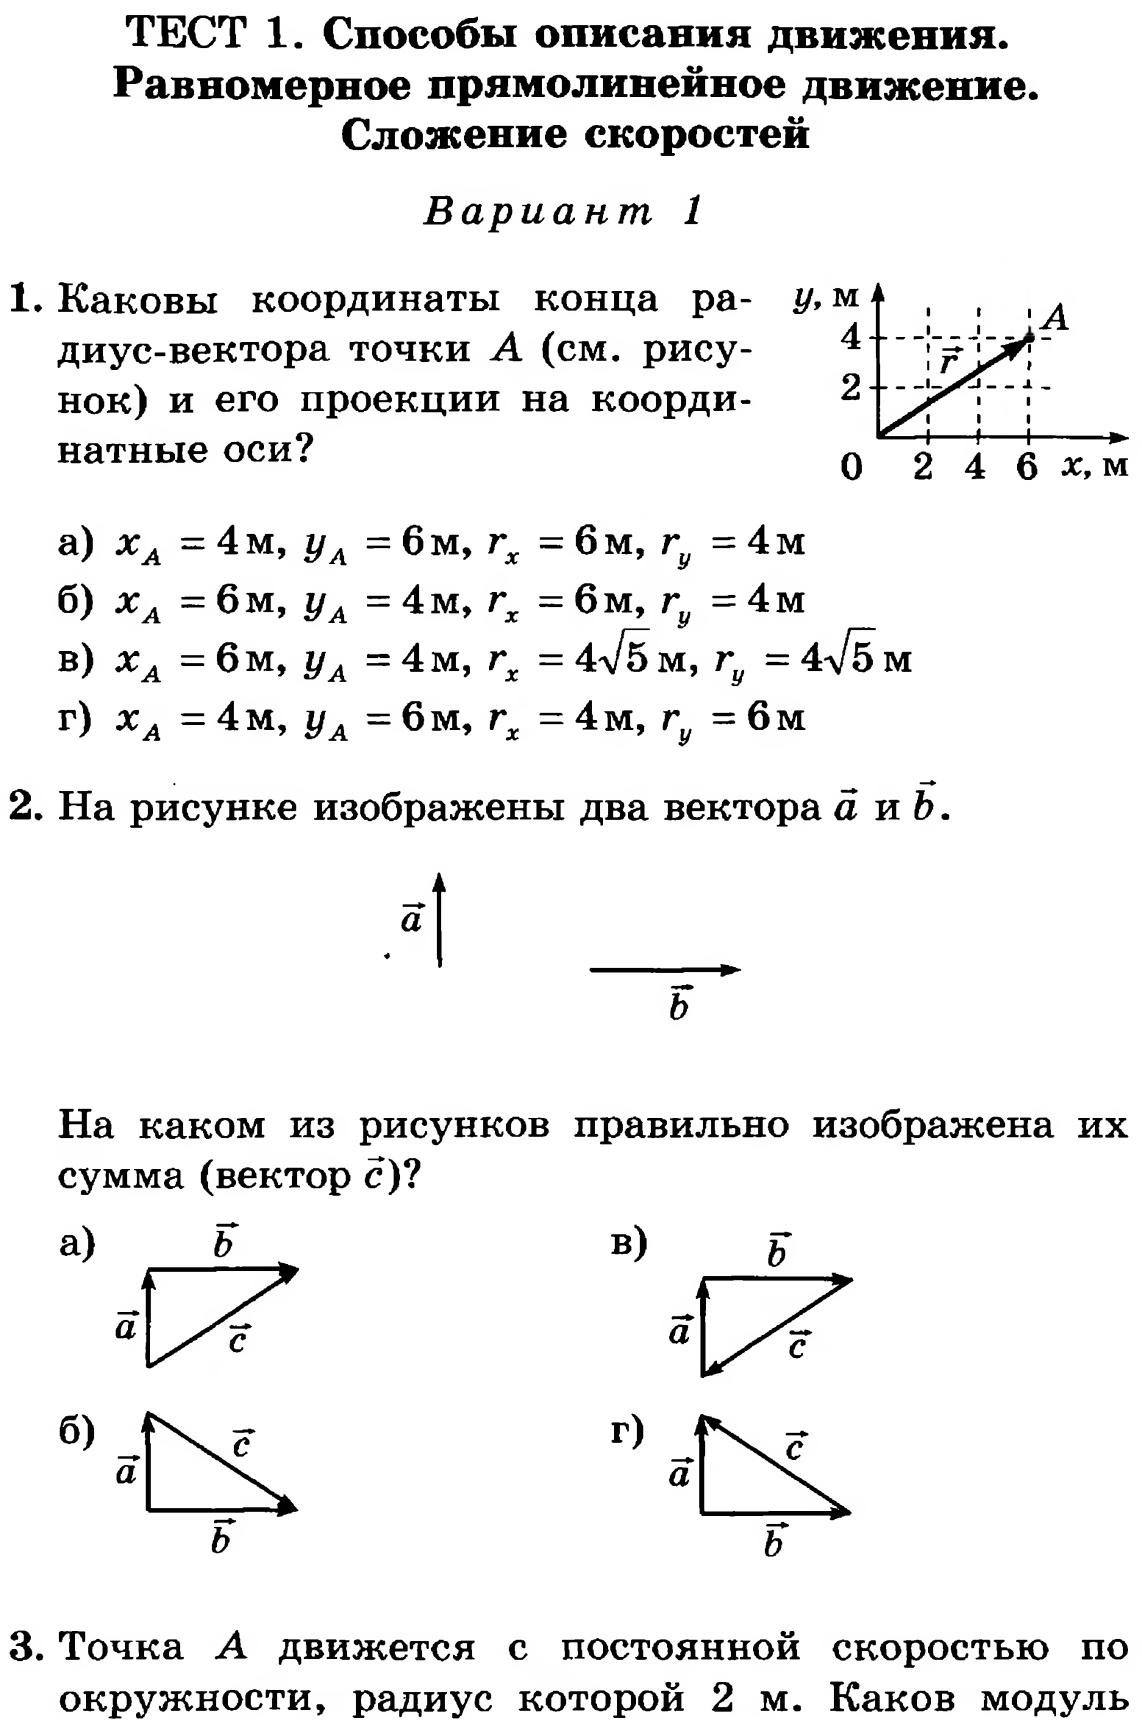 Сложение скоростей задачи с решением 7 класс математика 2 класс решение задач страница 38